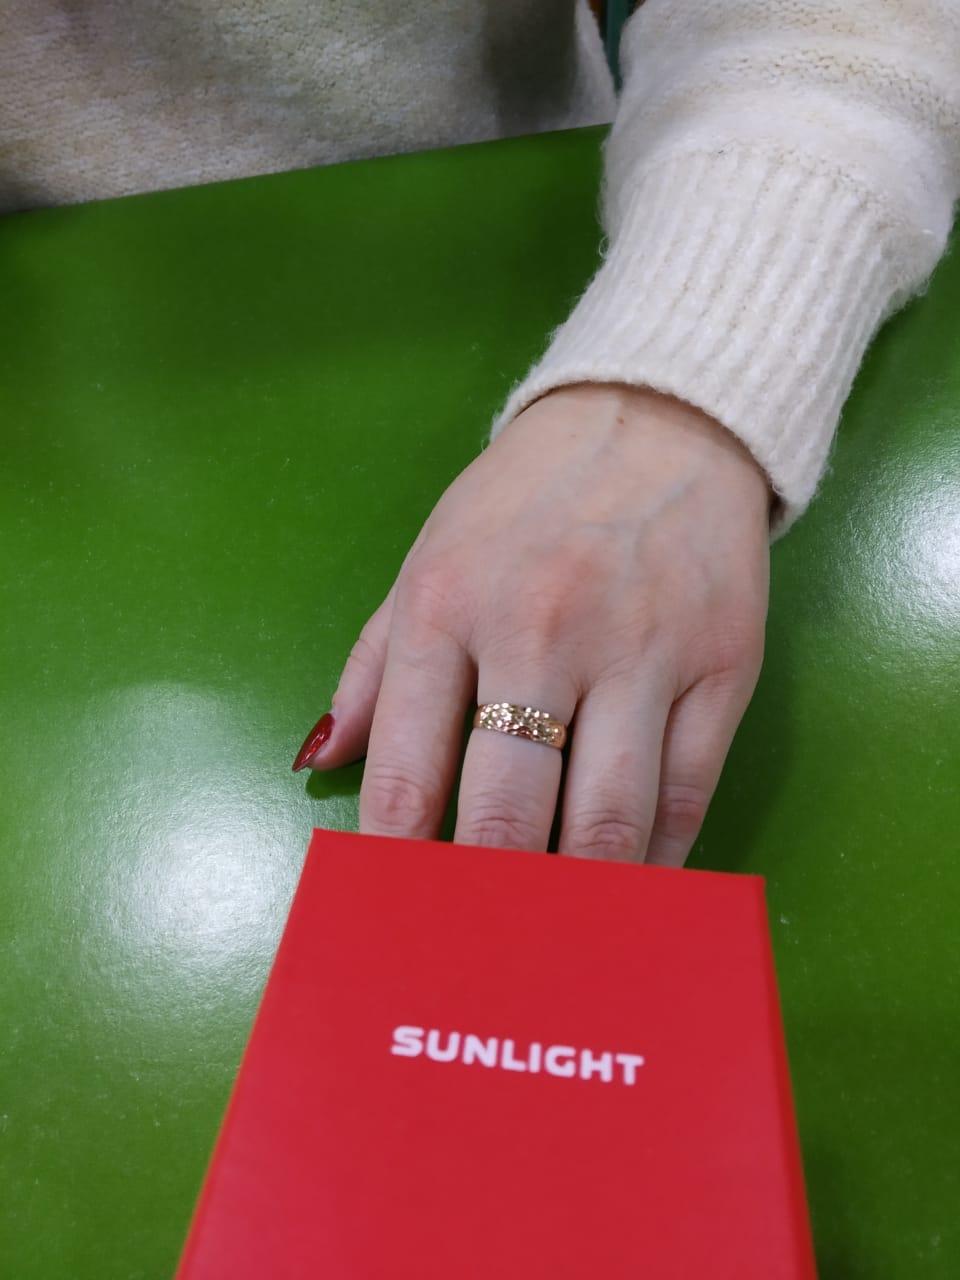 Кольцо смотрится дорого и красиво.